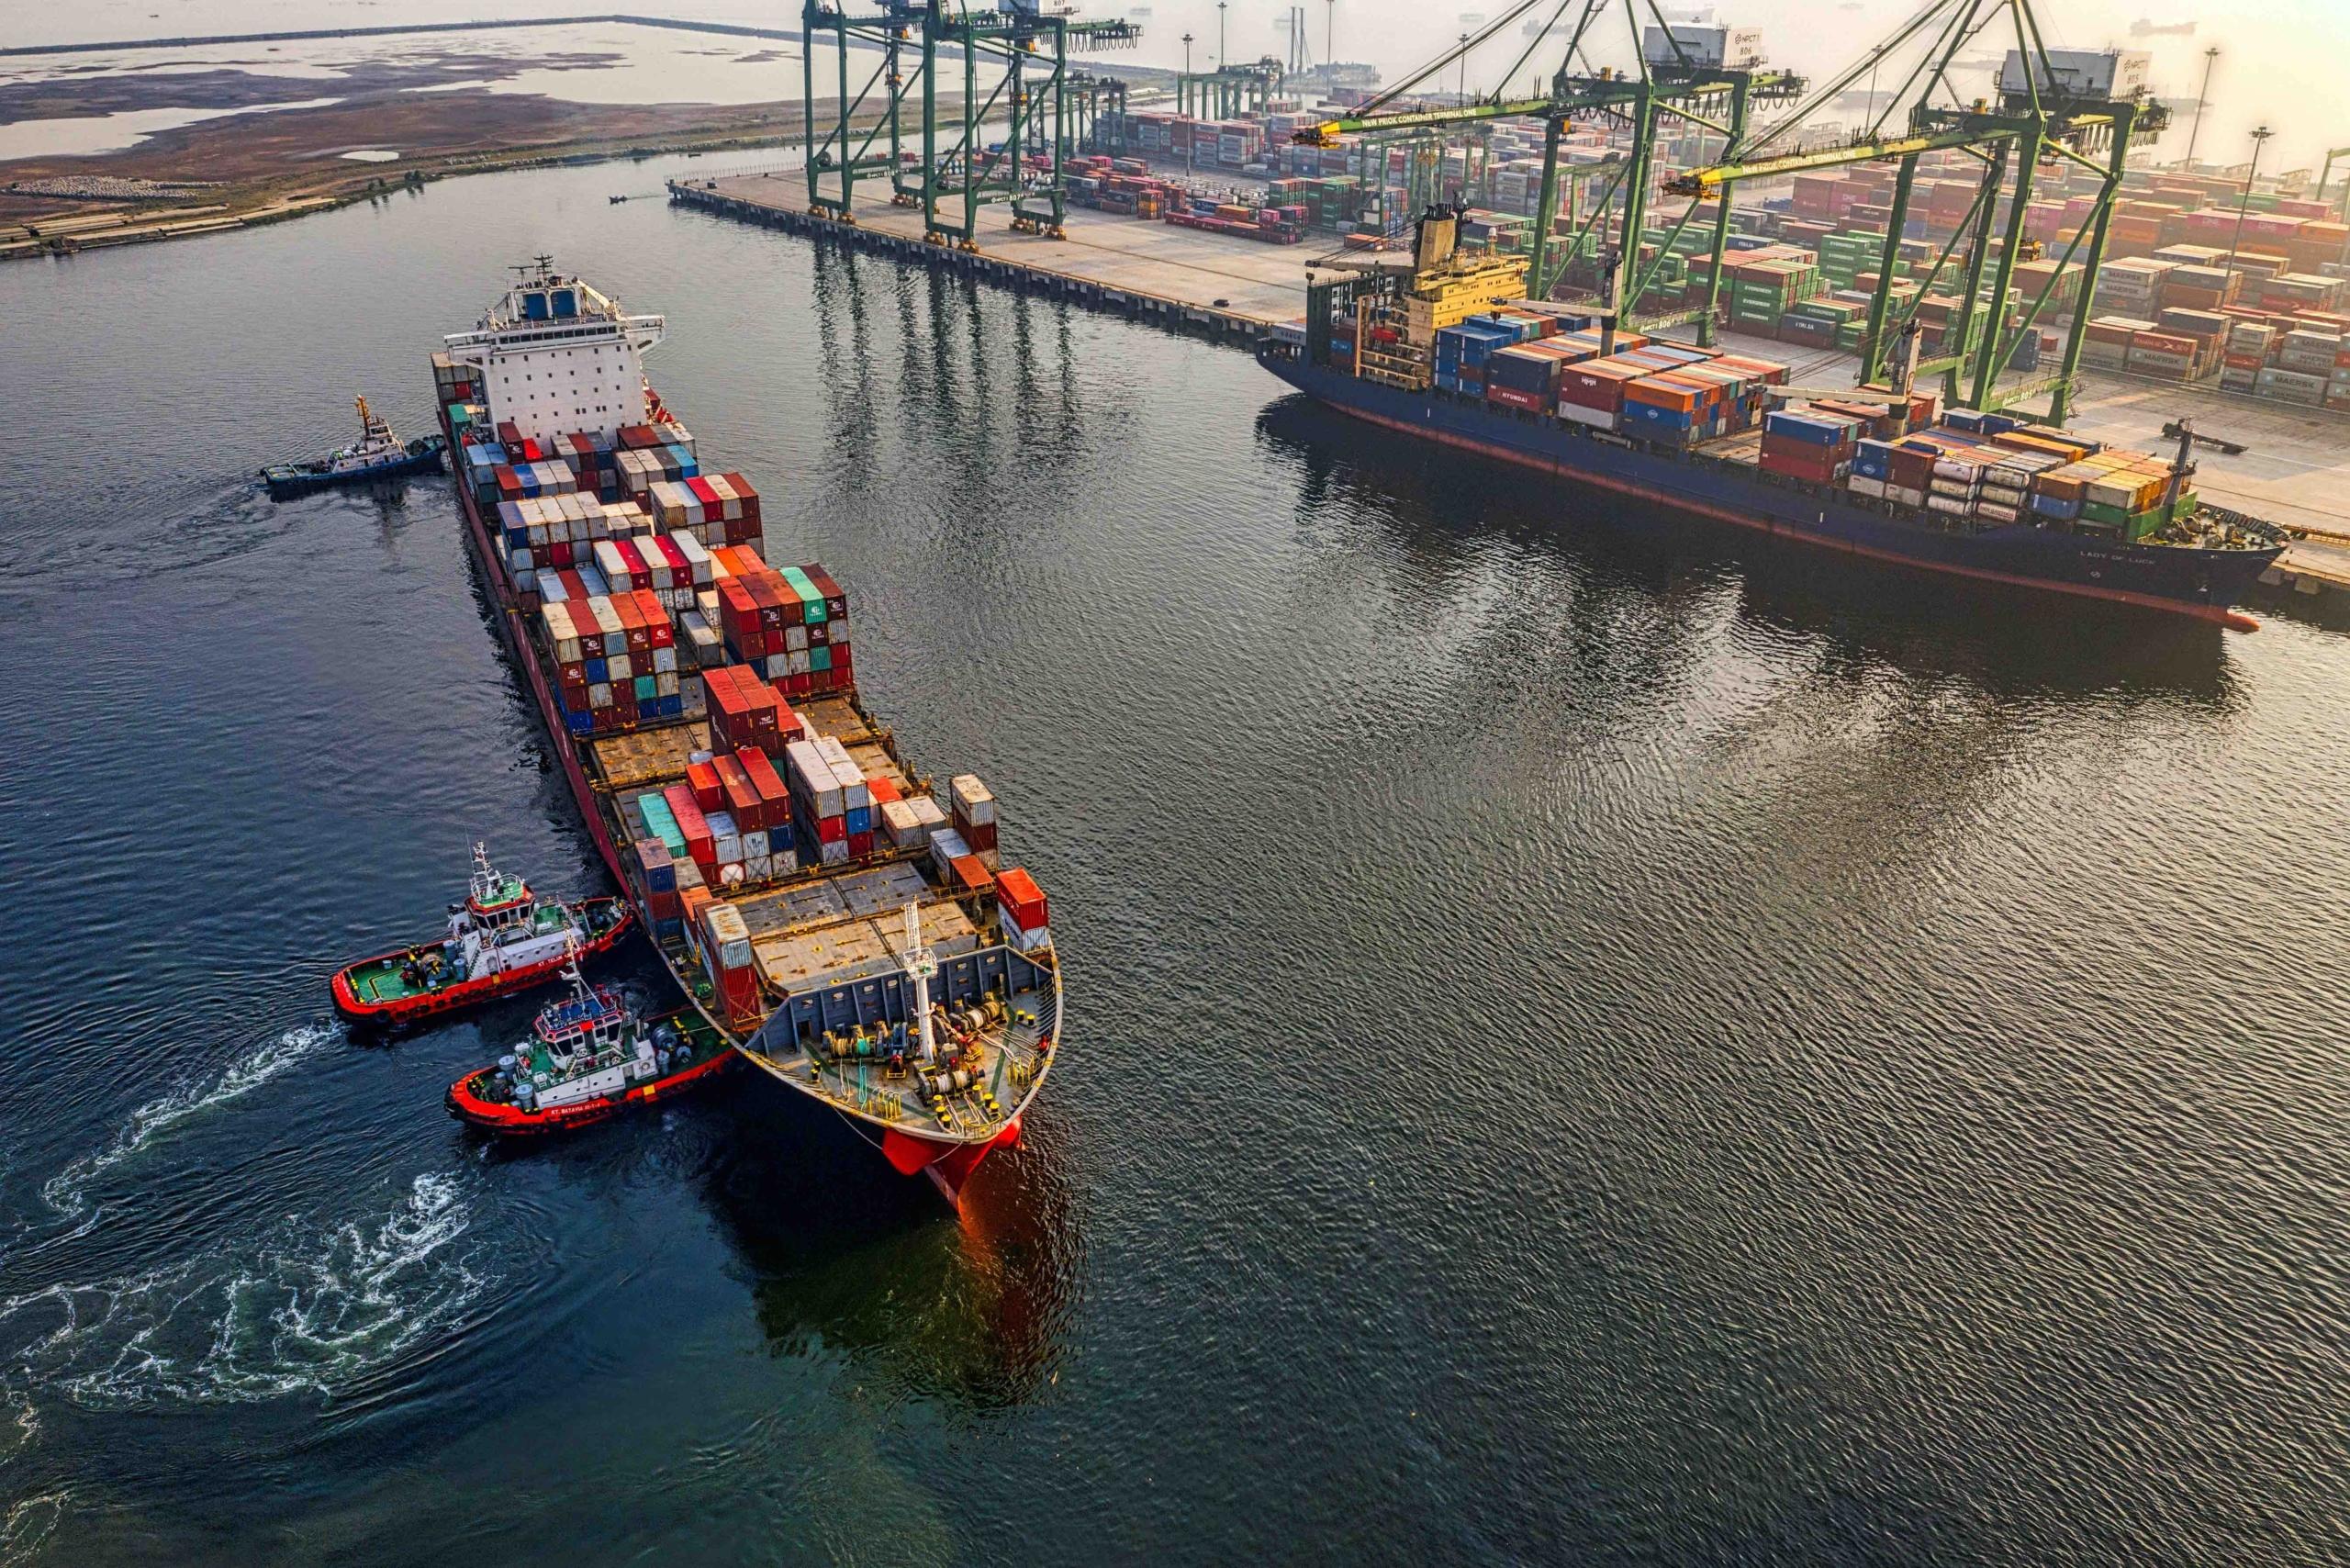 Partial shipping